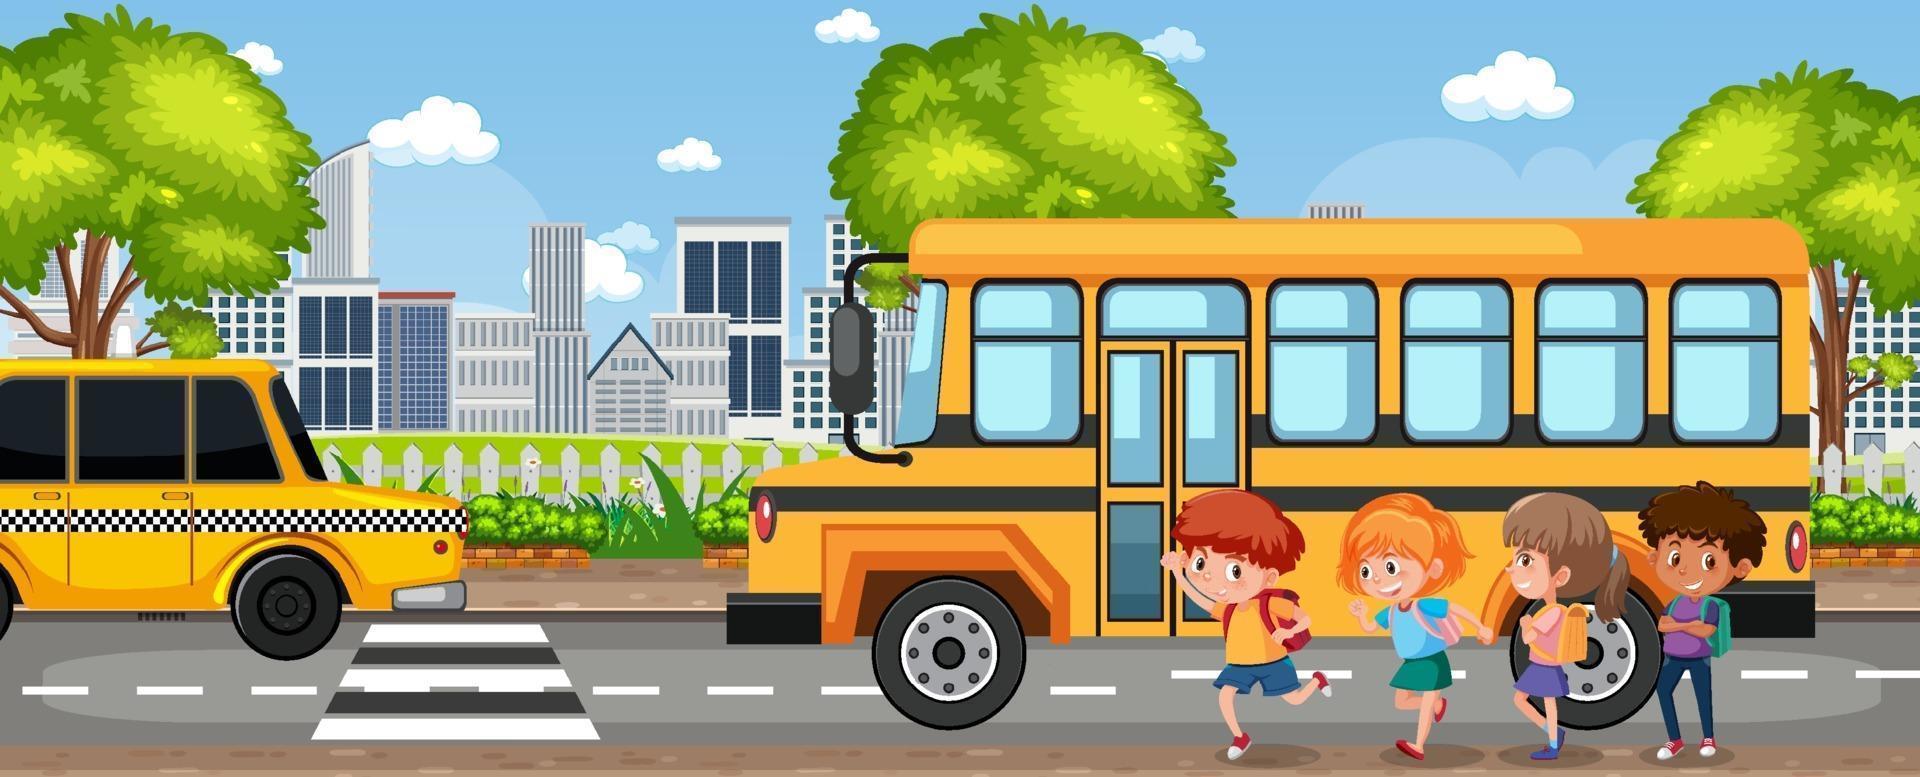 étudiant allant à l & # 39; école en bus scolaire vecteur